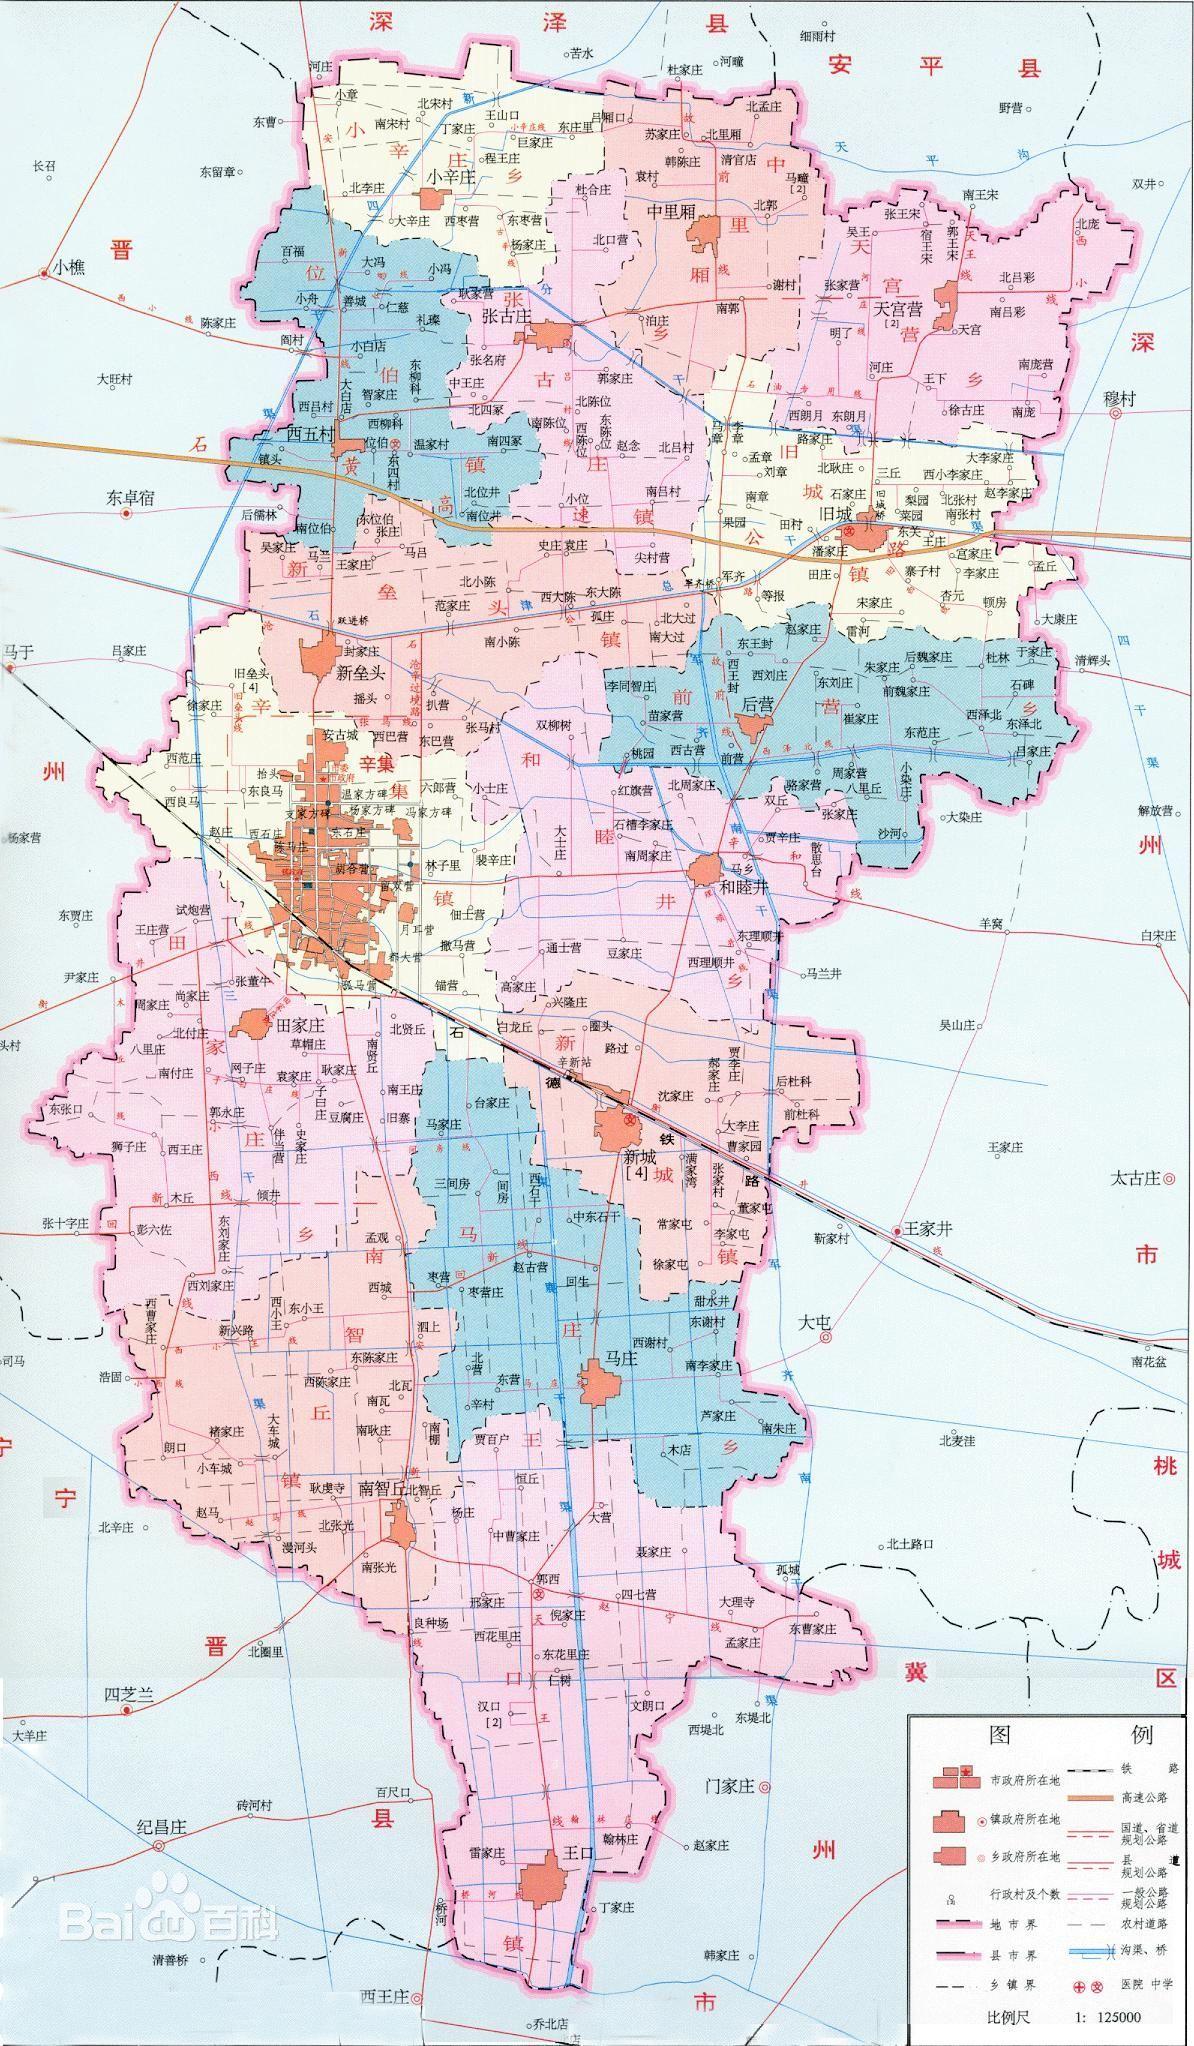 政府驻地辛集镇位于石家庄市东65公里处